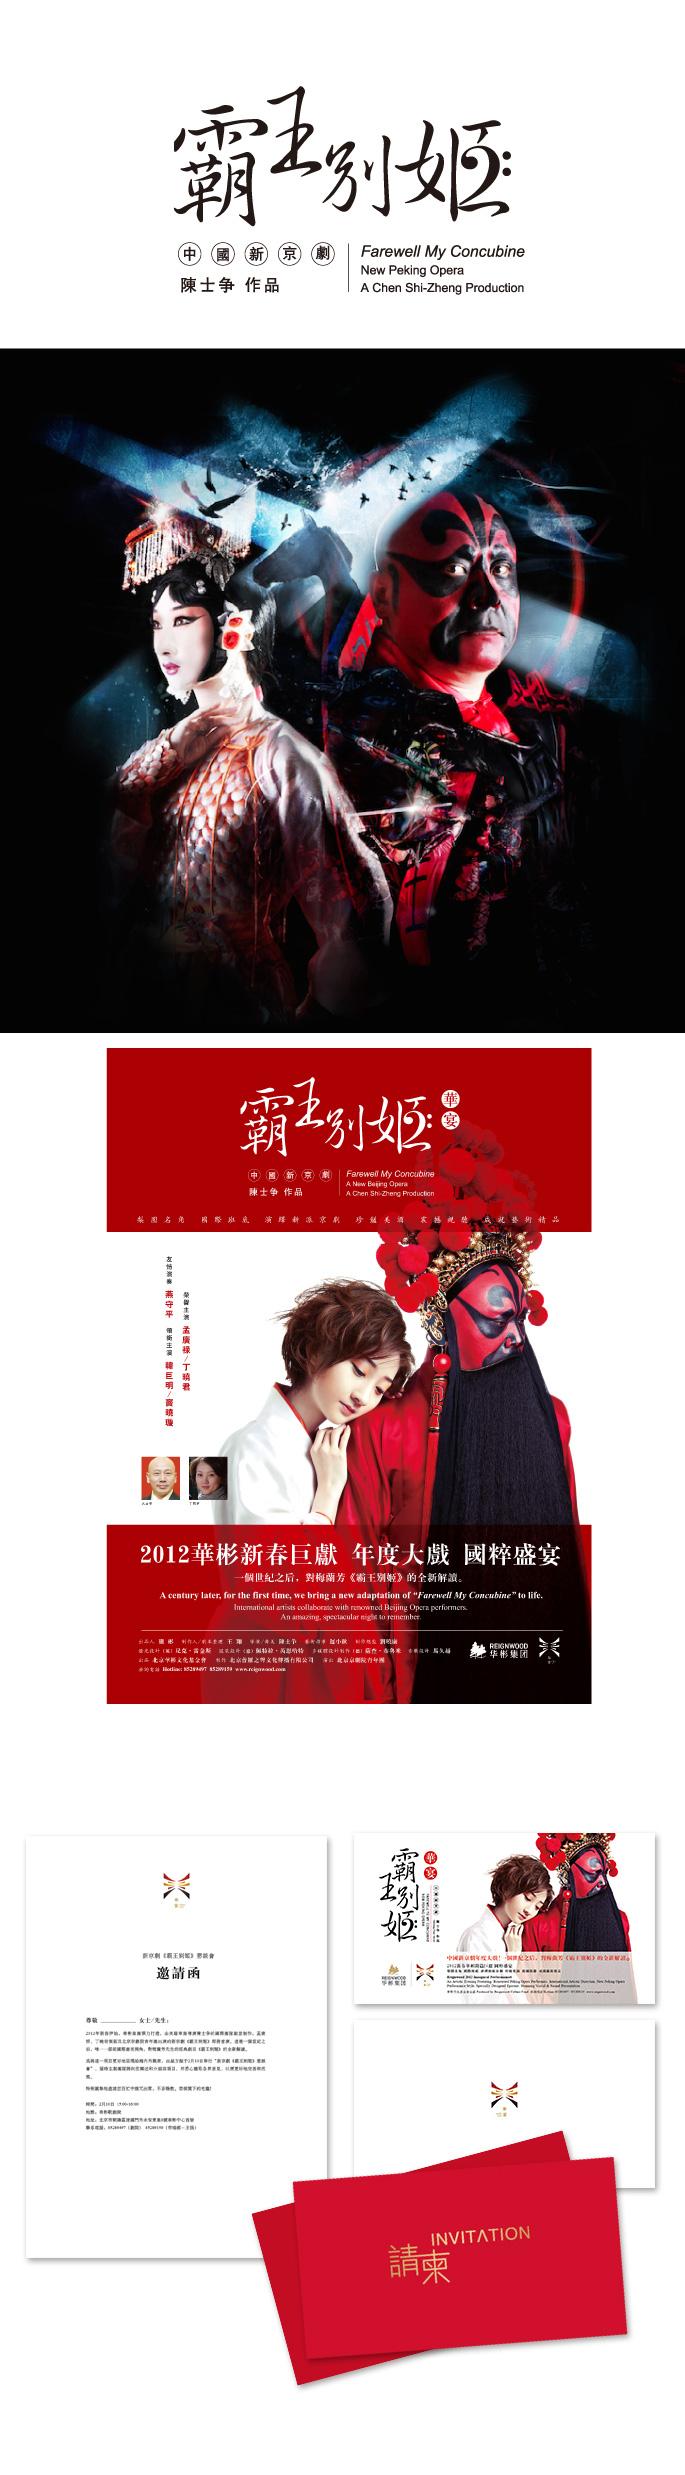 《霸王别姬》logo\海报\宣传品